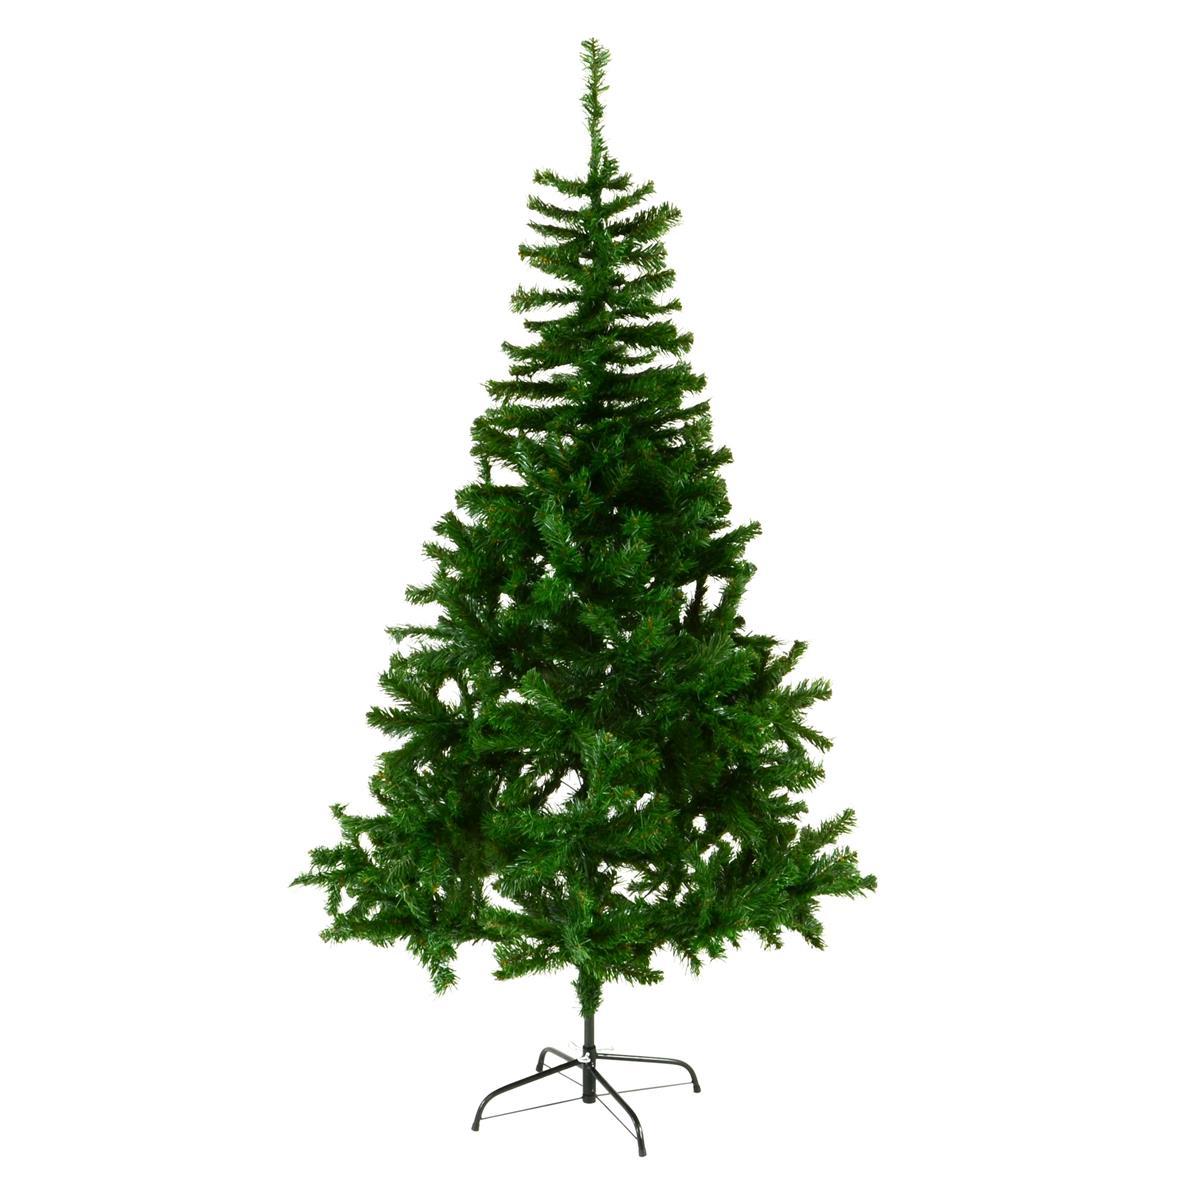 künstlicher Weihnachtsbaum Christbaum Tanne 180 cm 673 Spitzen mit Ständer XMAS